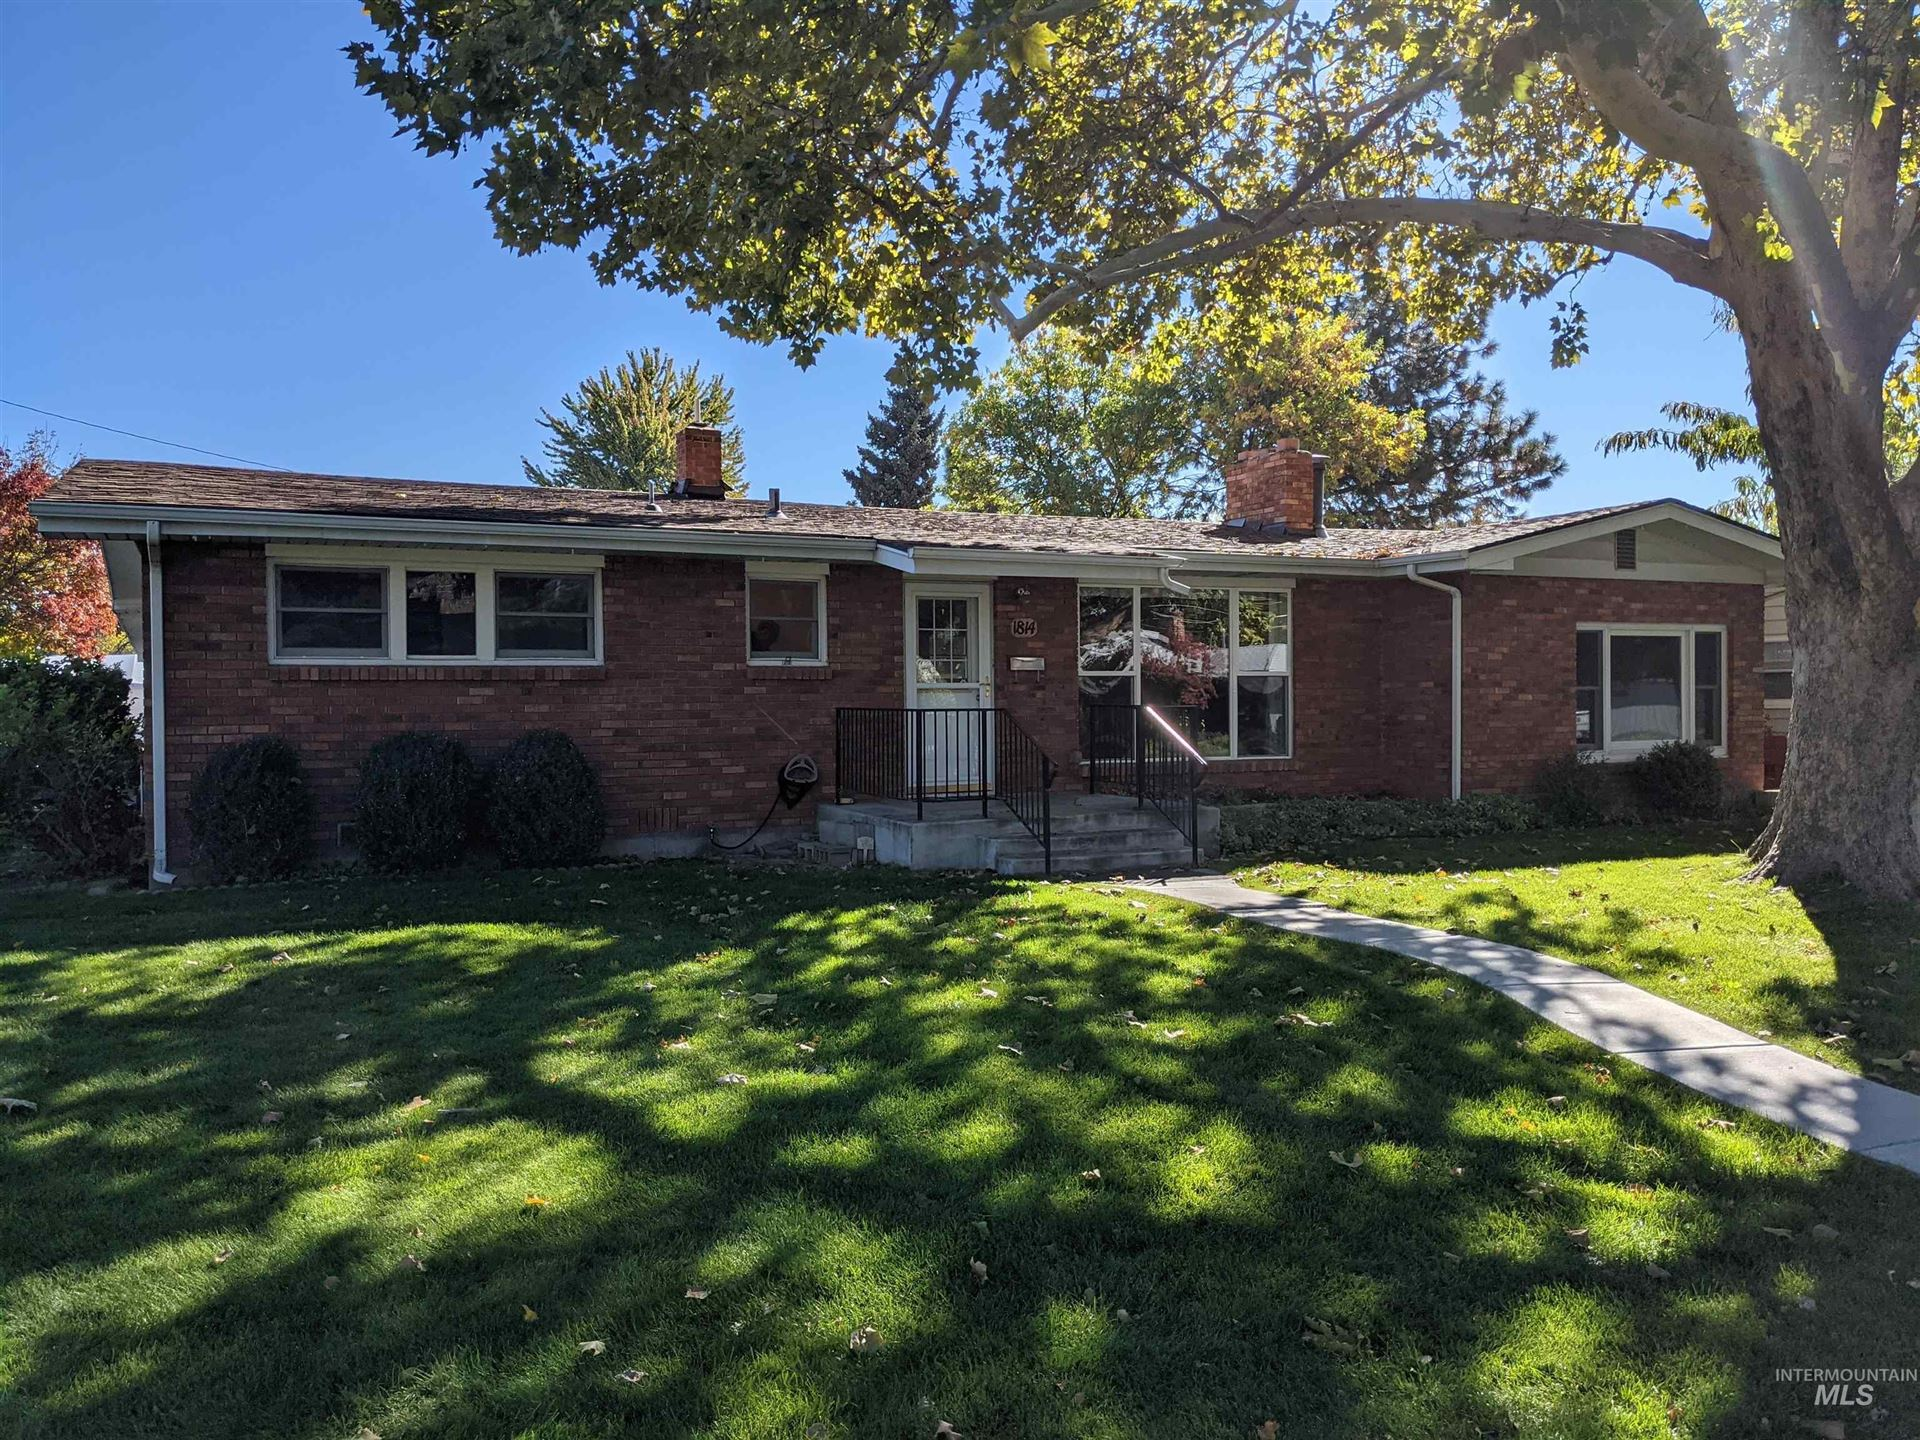 1814 S Rand, Boise, ID 83709 - MLS#: 98821307